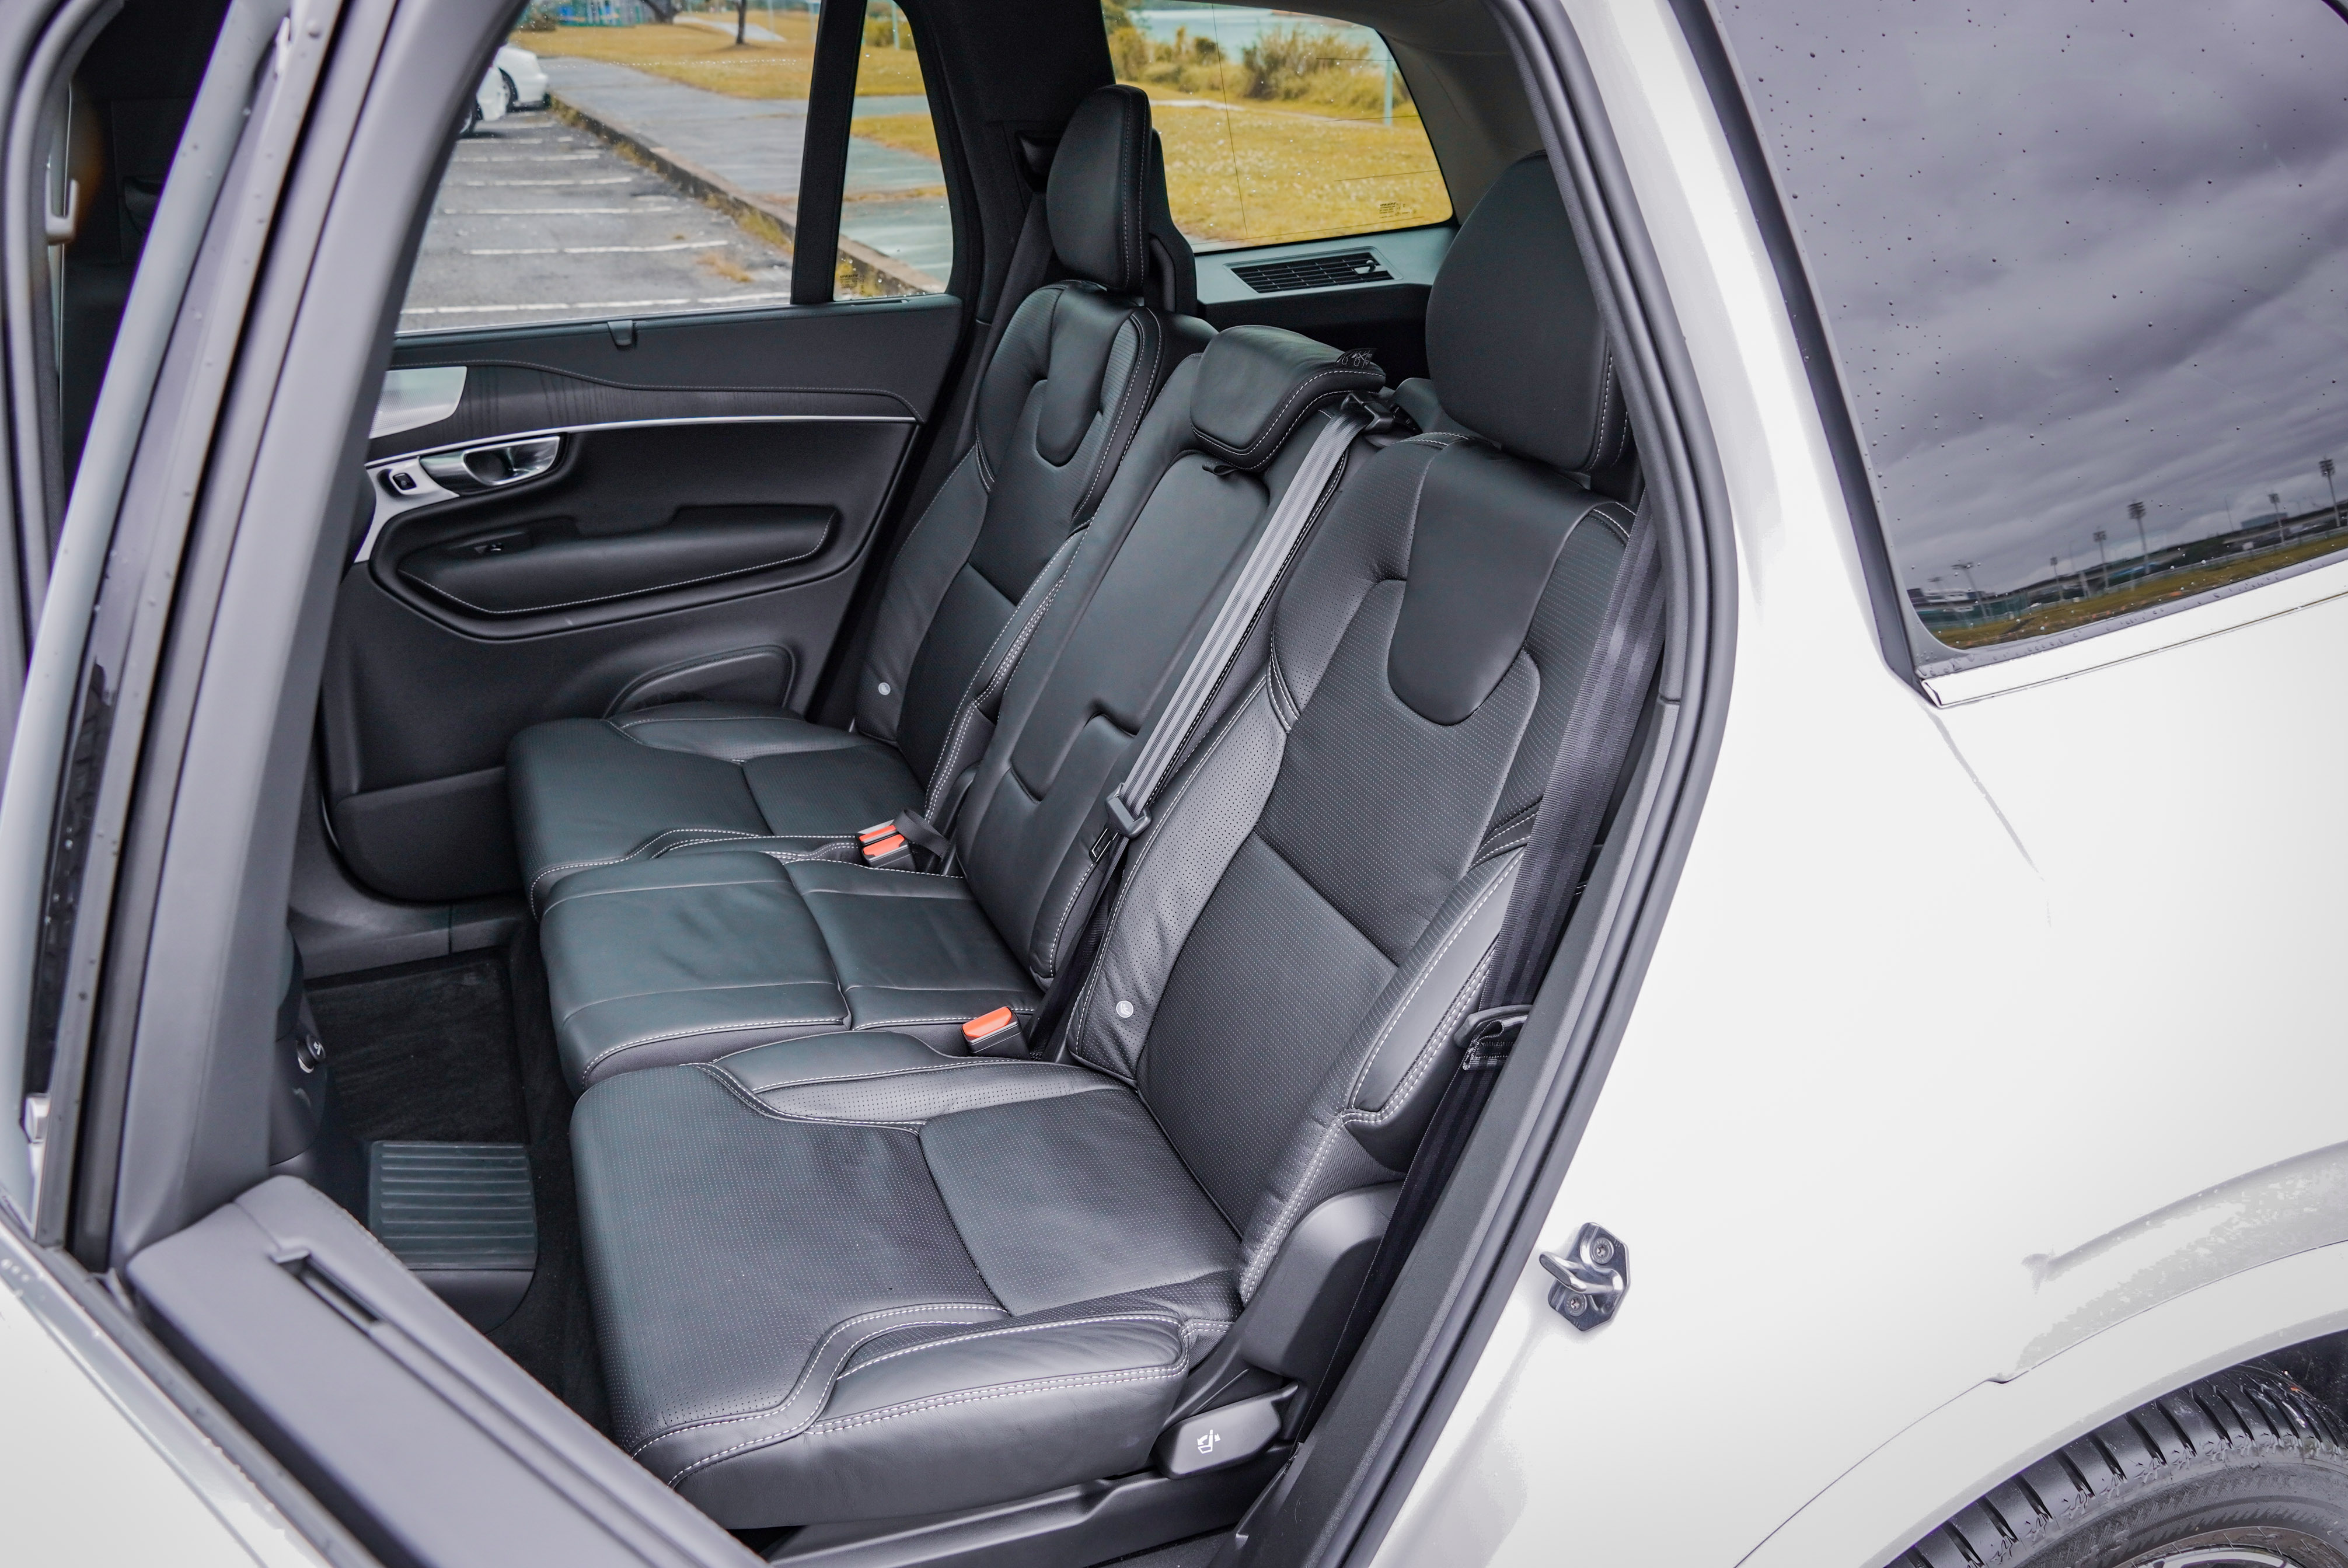 後排座椅有著接近獨立座椅的乘坐舒適。